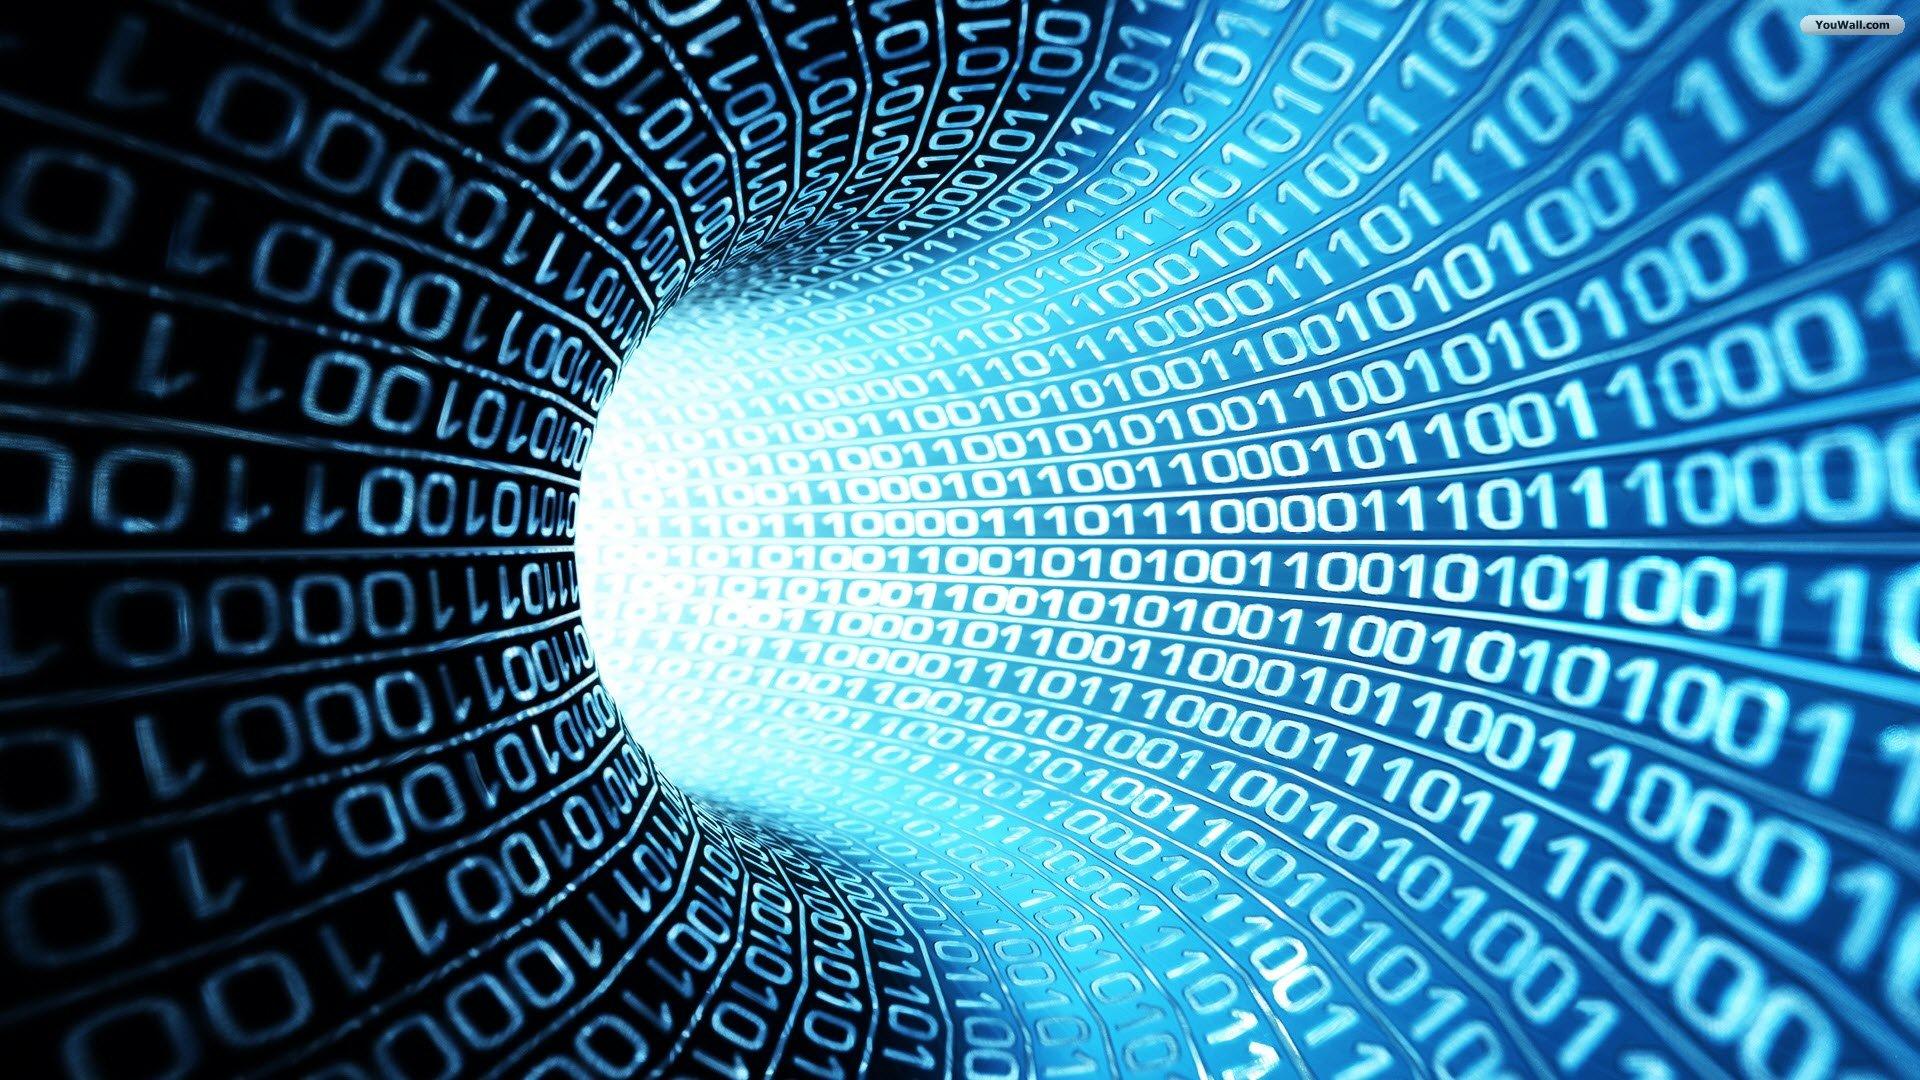 چیزهای الکترونیکی و چیزهای دیجیتالی